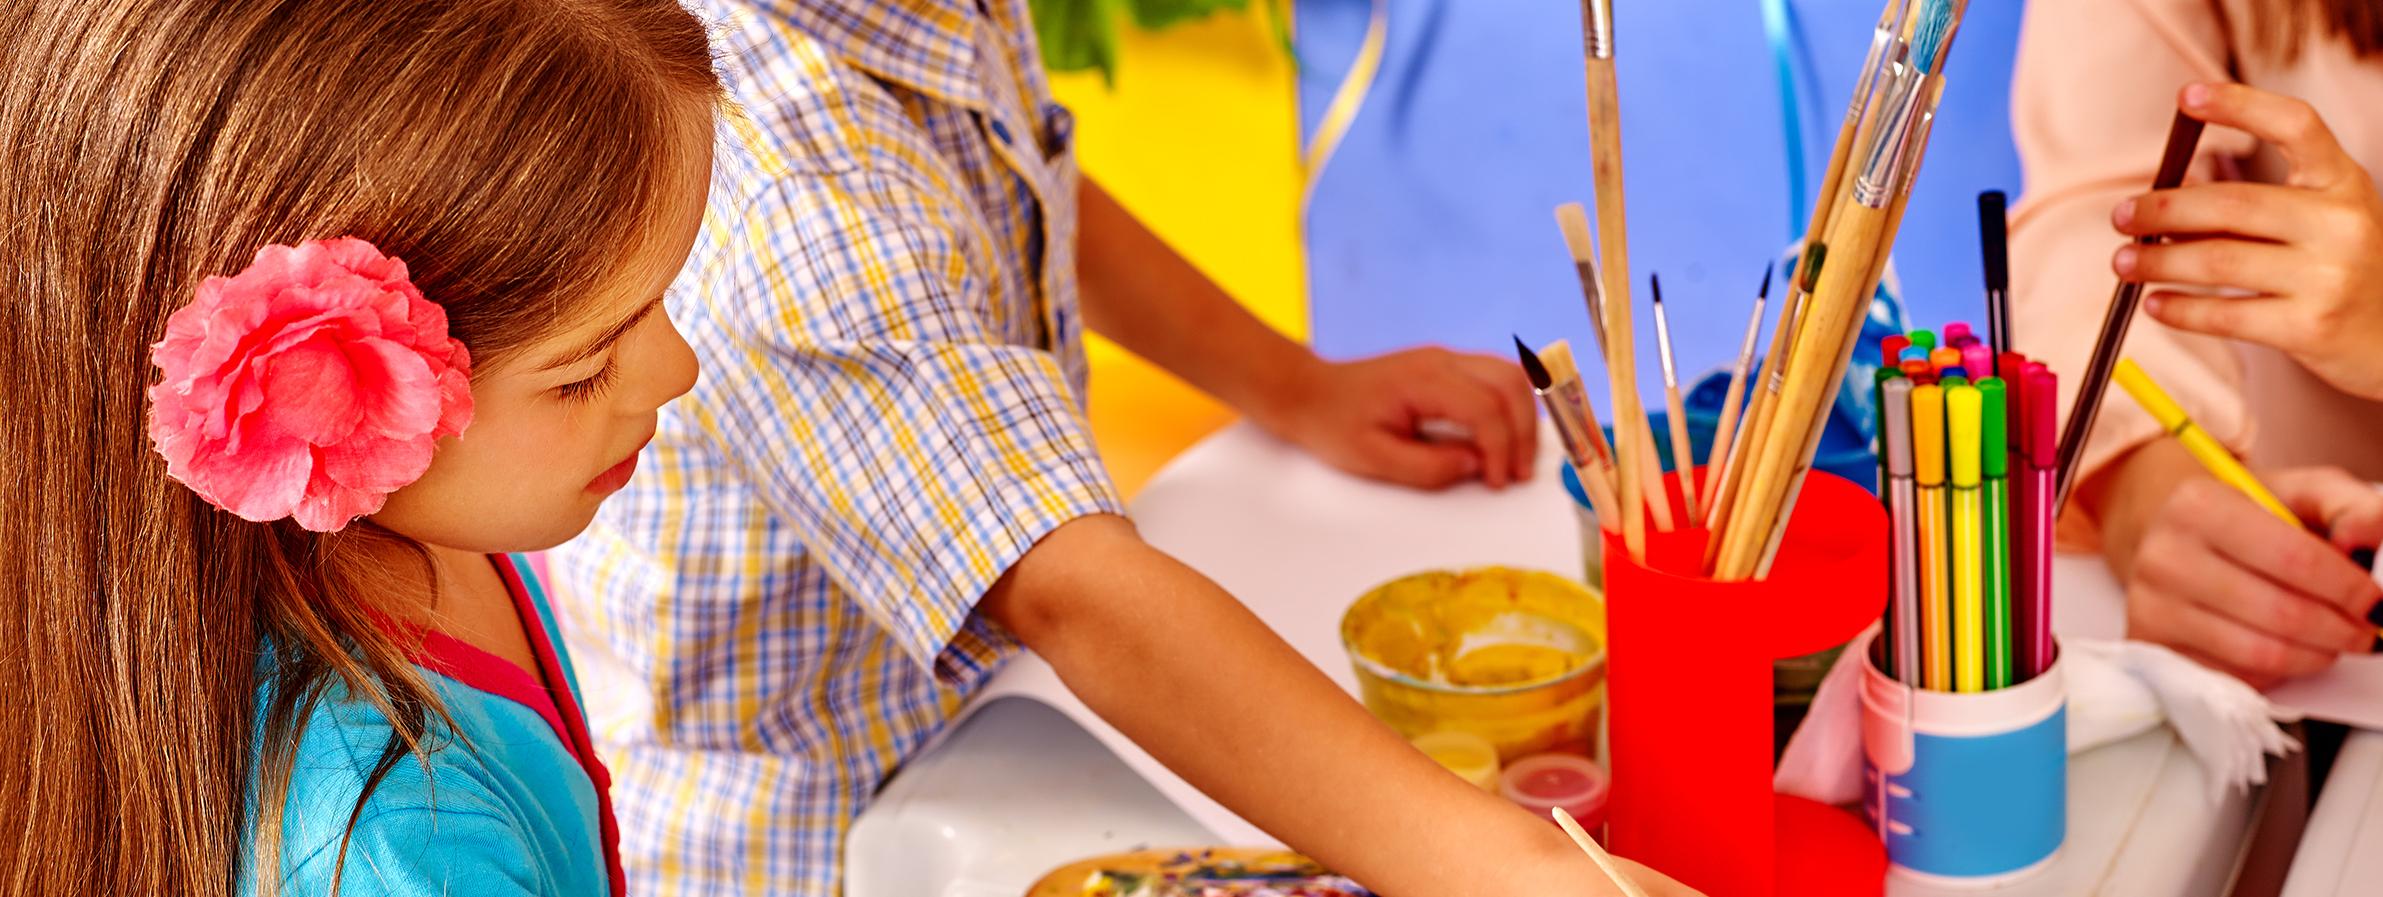 Erken Çocukluk Dönemi ve Önemli Alanlar Çocuğunuz ve siz erken döneme hazır mısınız?